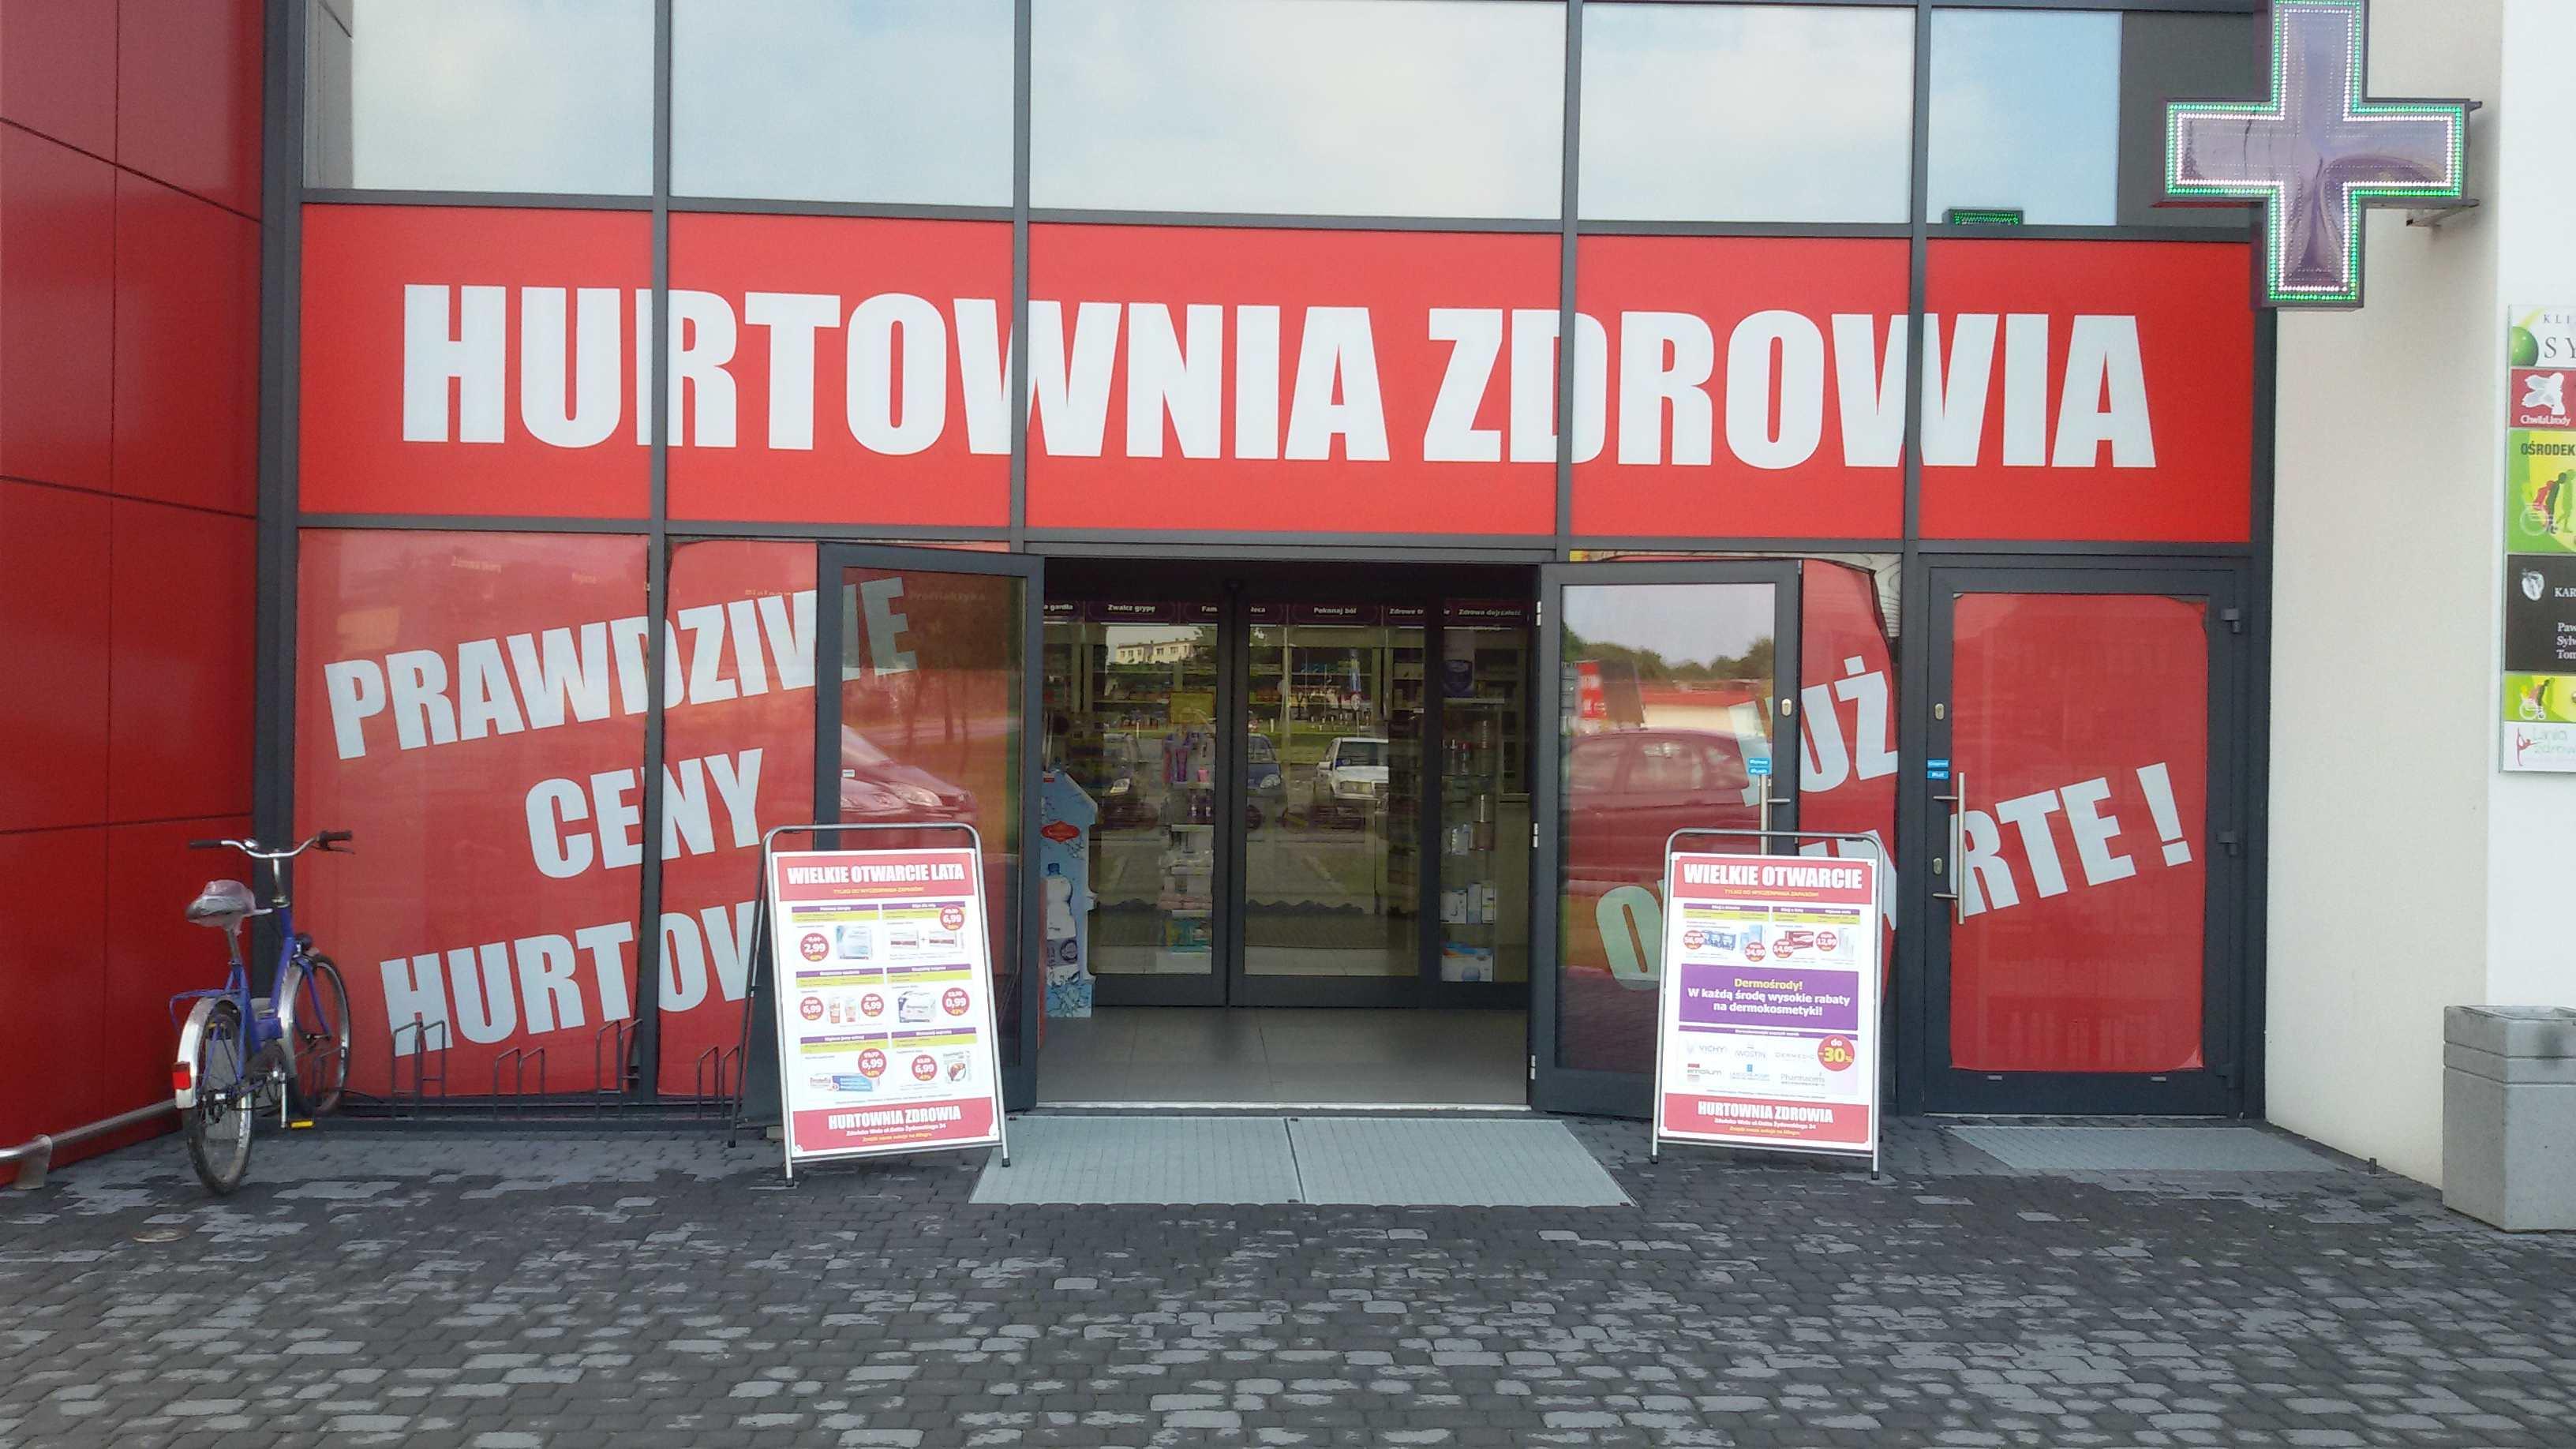 Apteka Zduńska Wola - aptekidarzdrowia.pl